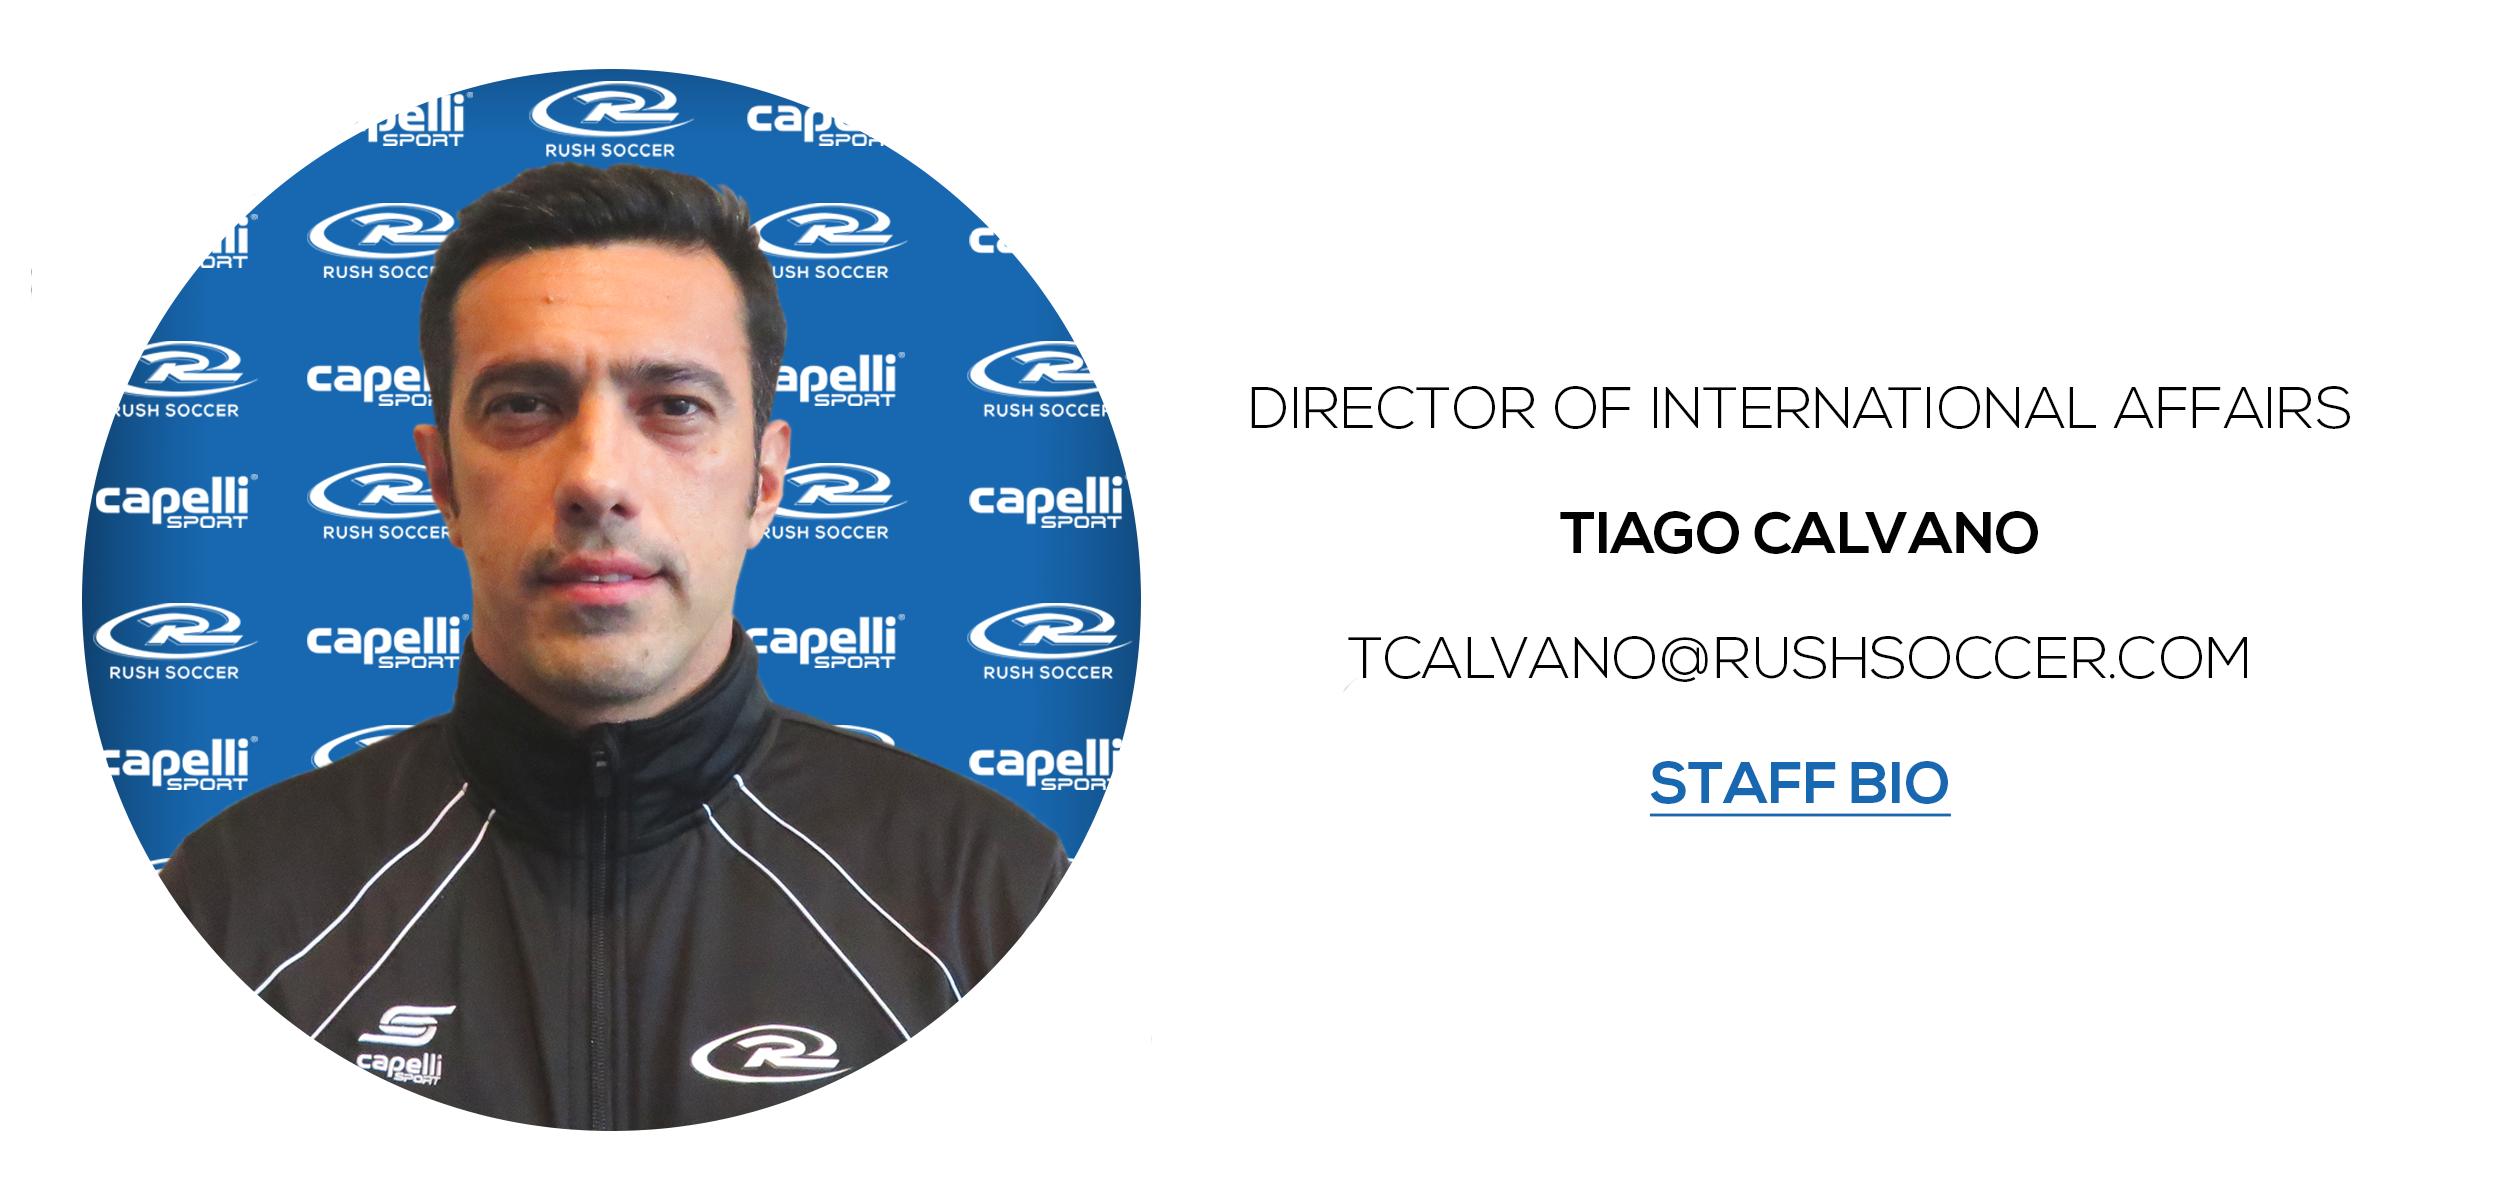 Calvano-Tiago